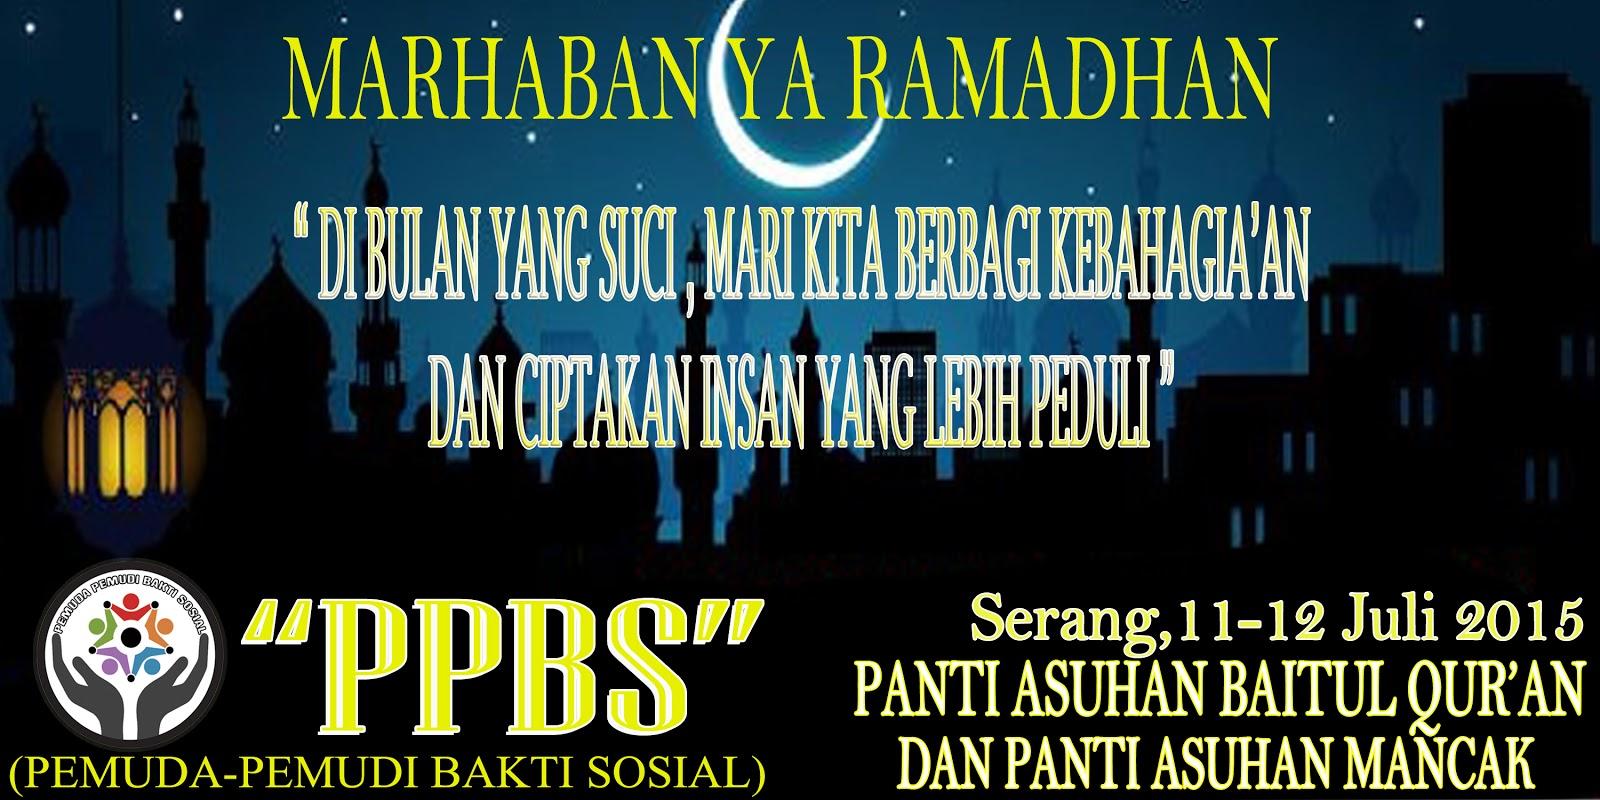 Banner Berbagi Kebaikan Di Bulan Ramadhan Ala PPBS (Pemuda-Pemudi Bakti Sosial)